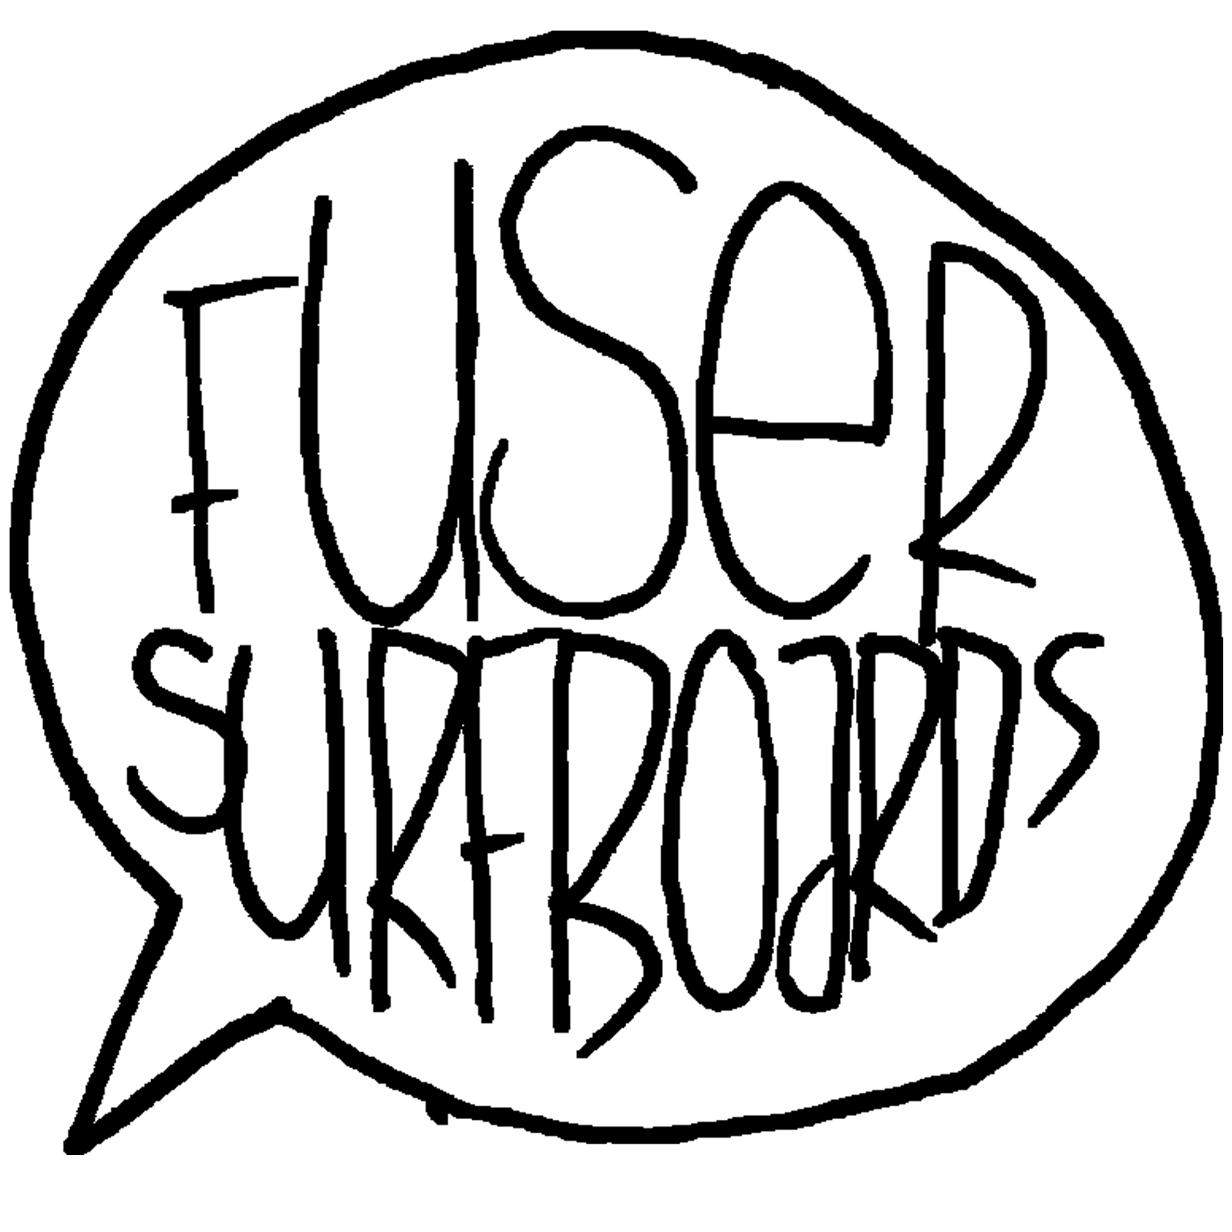 Fuser Custom Surfboards